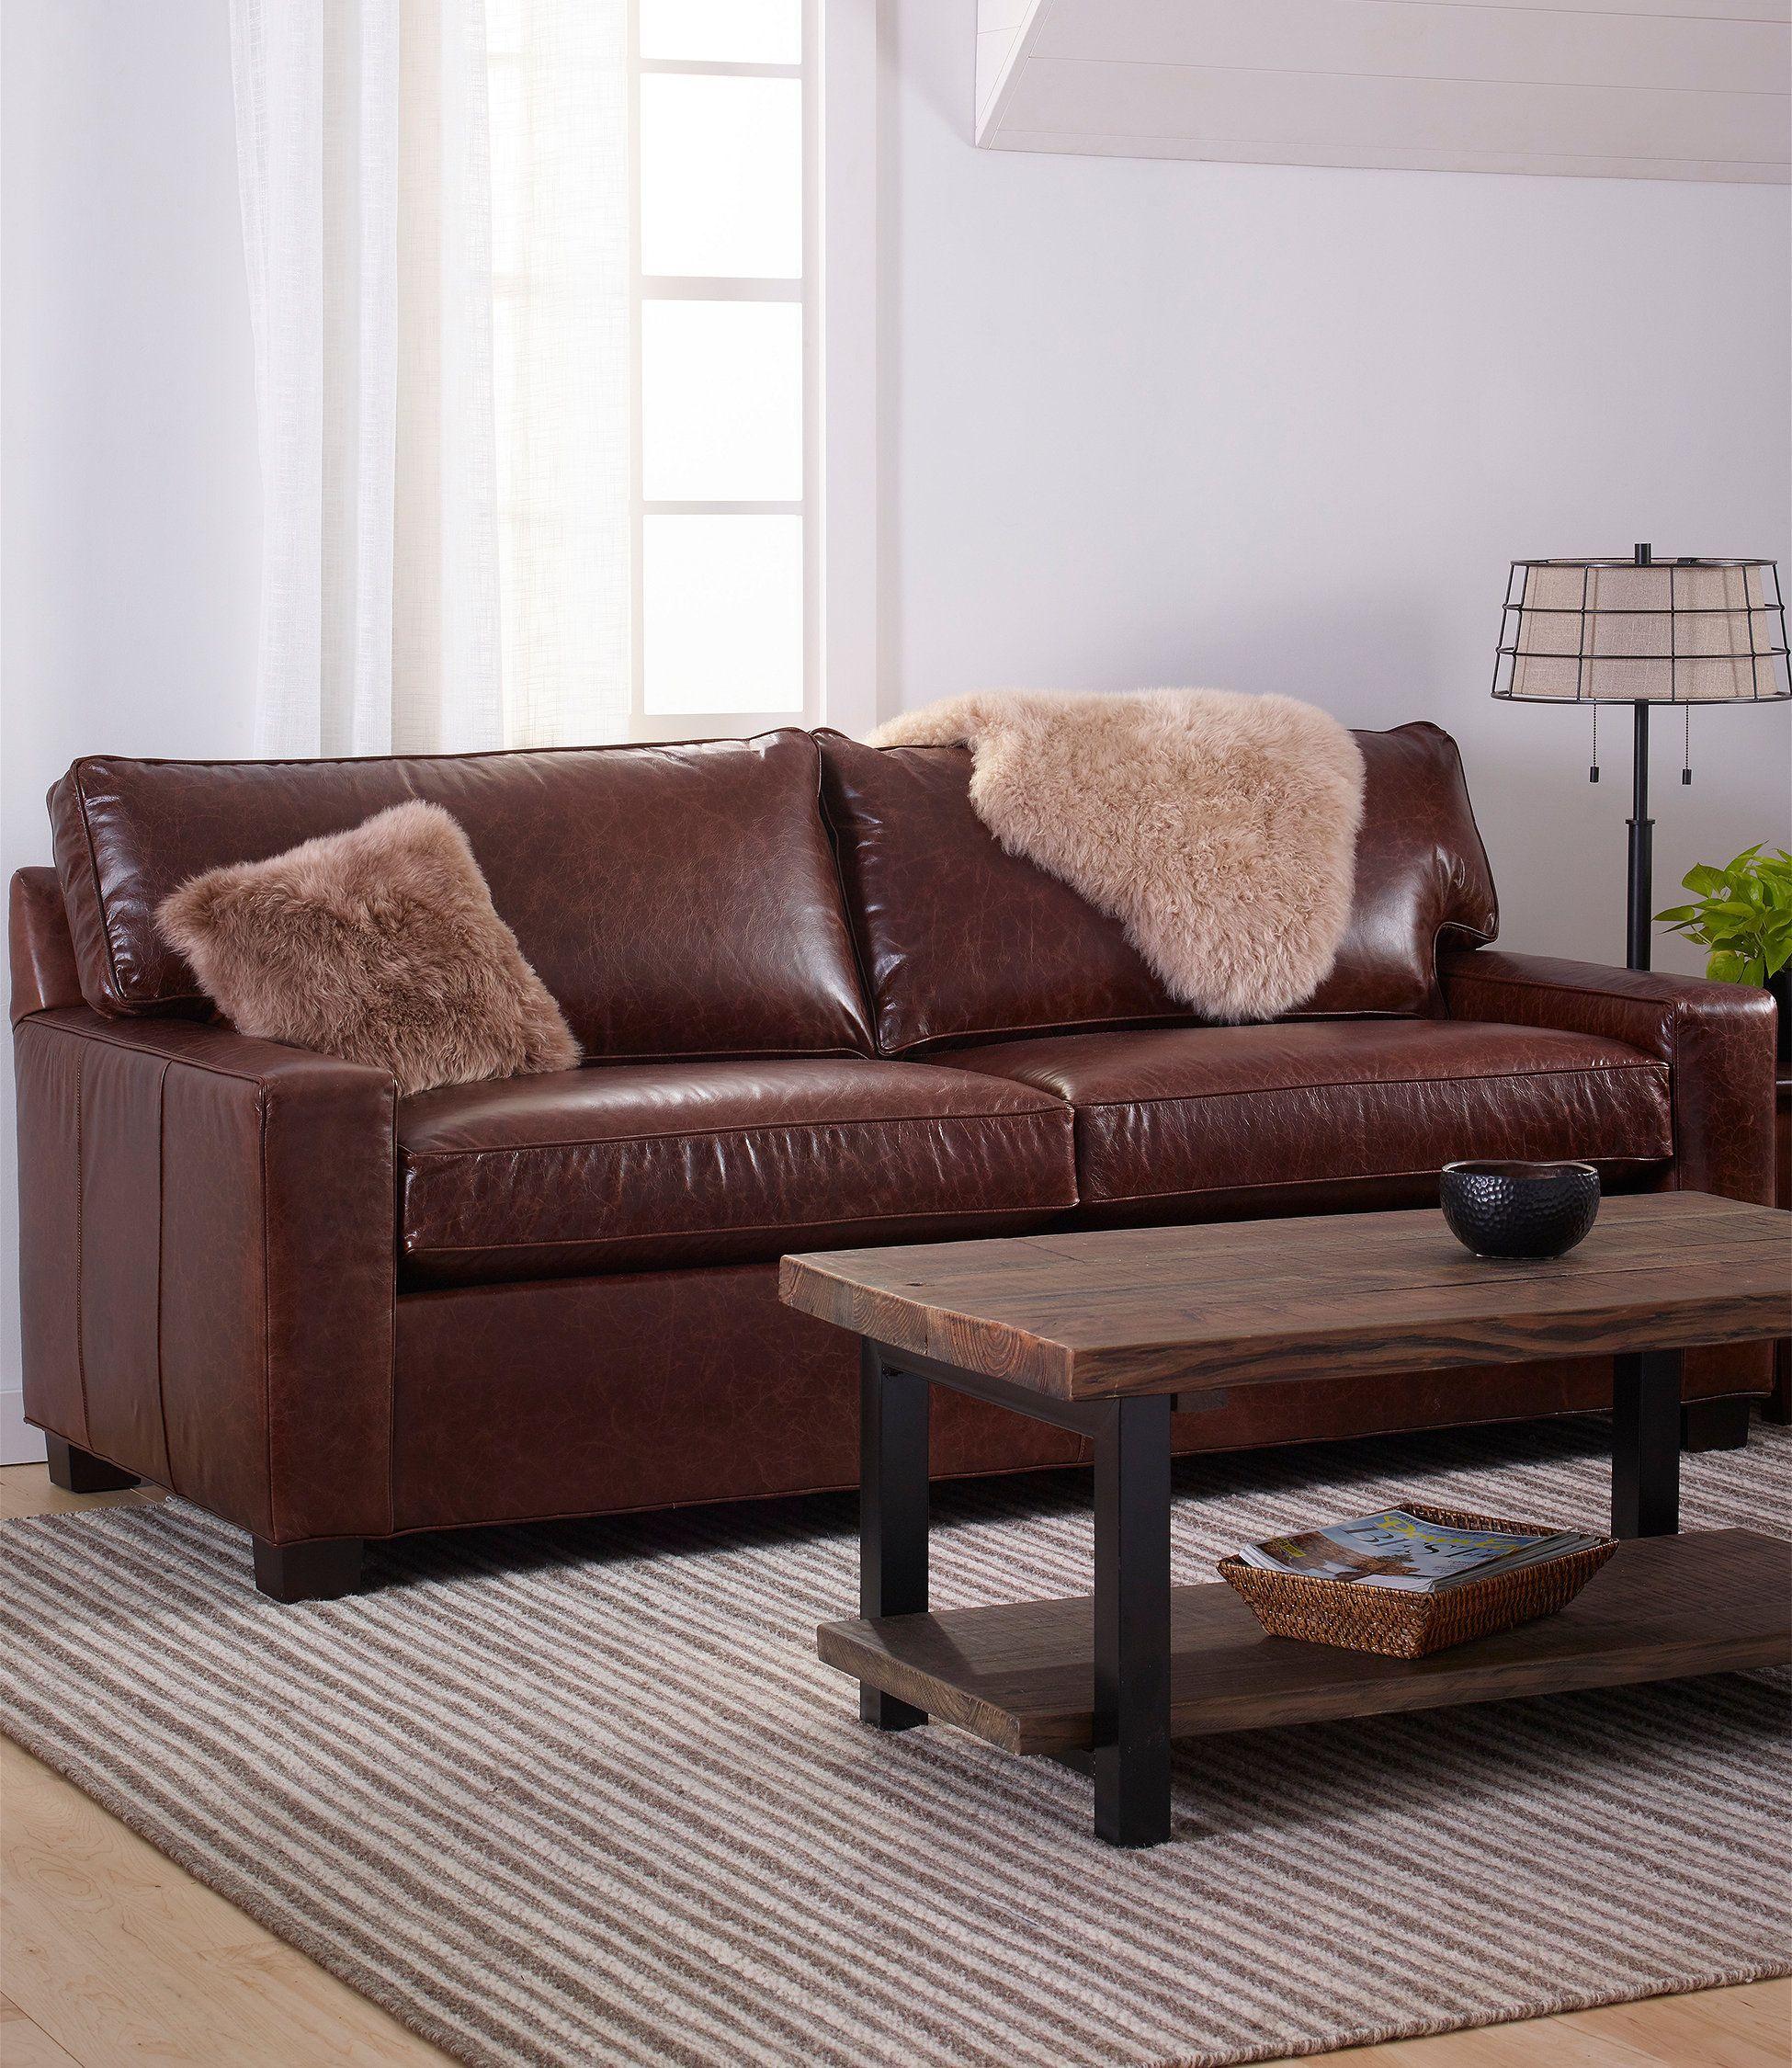 Portland Leather Sofa   Leather sofa, Leather furniture, Sofa